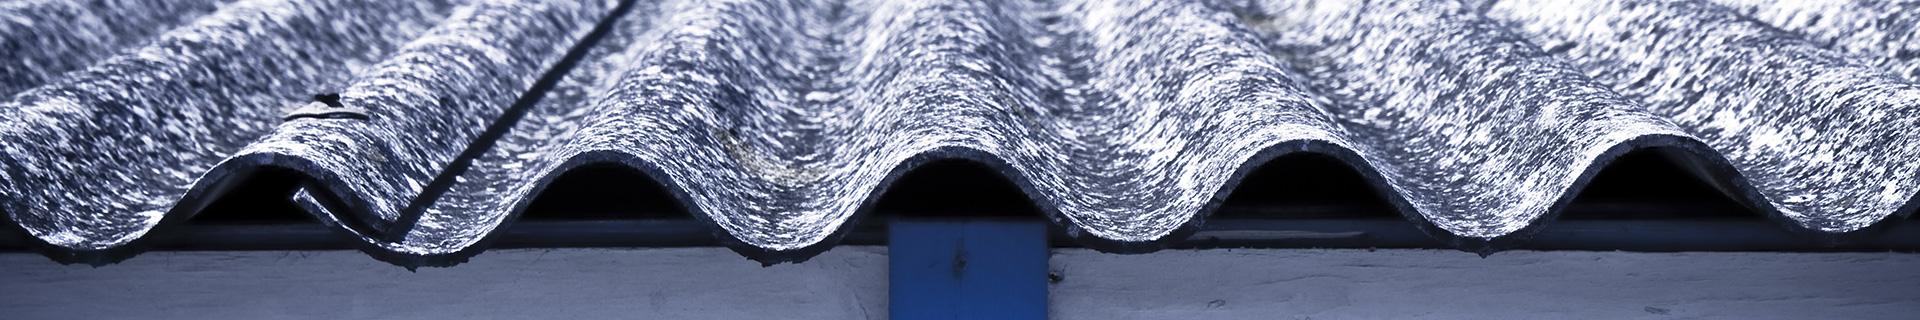 Asbestos Awareness (Three-Part)